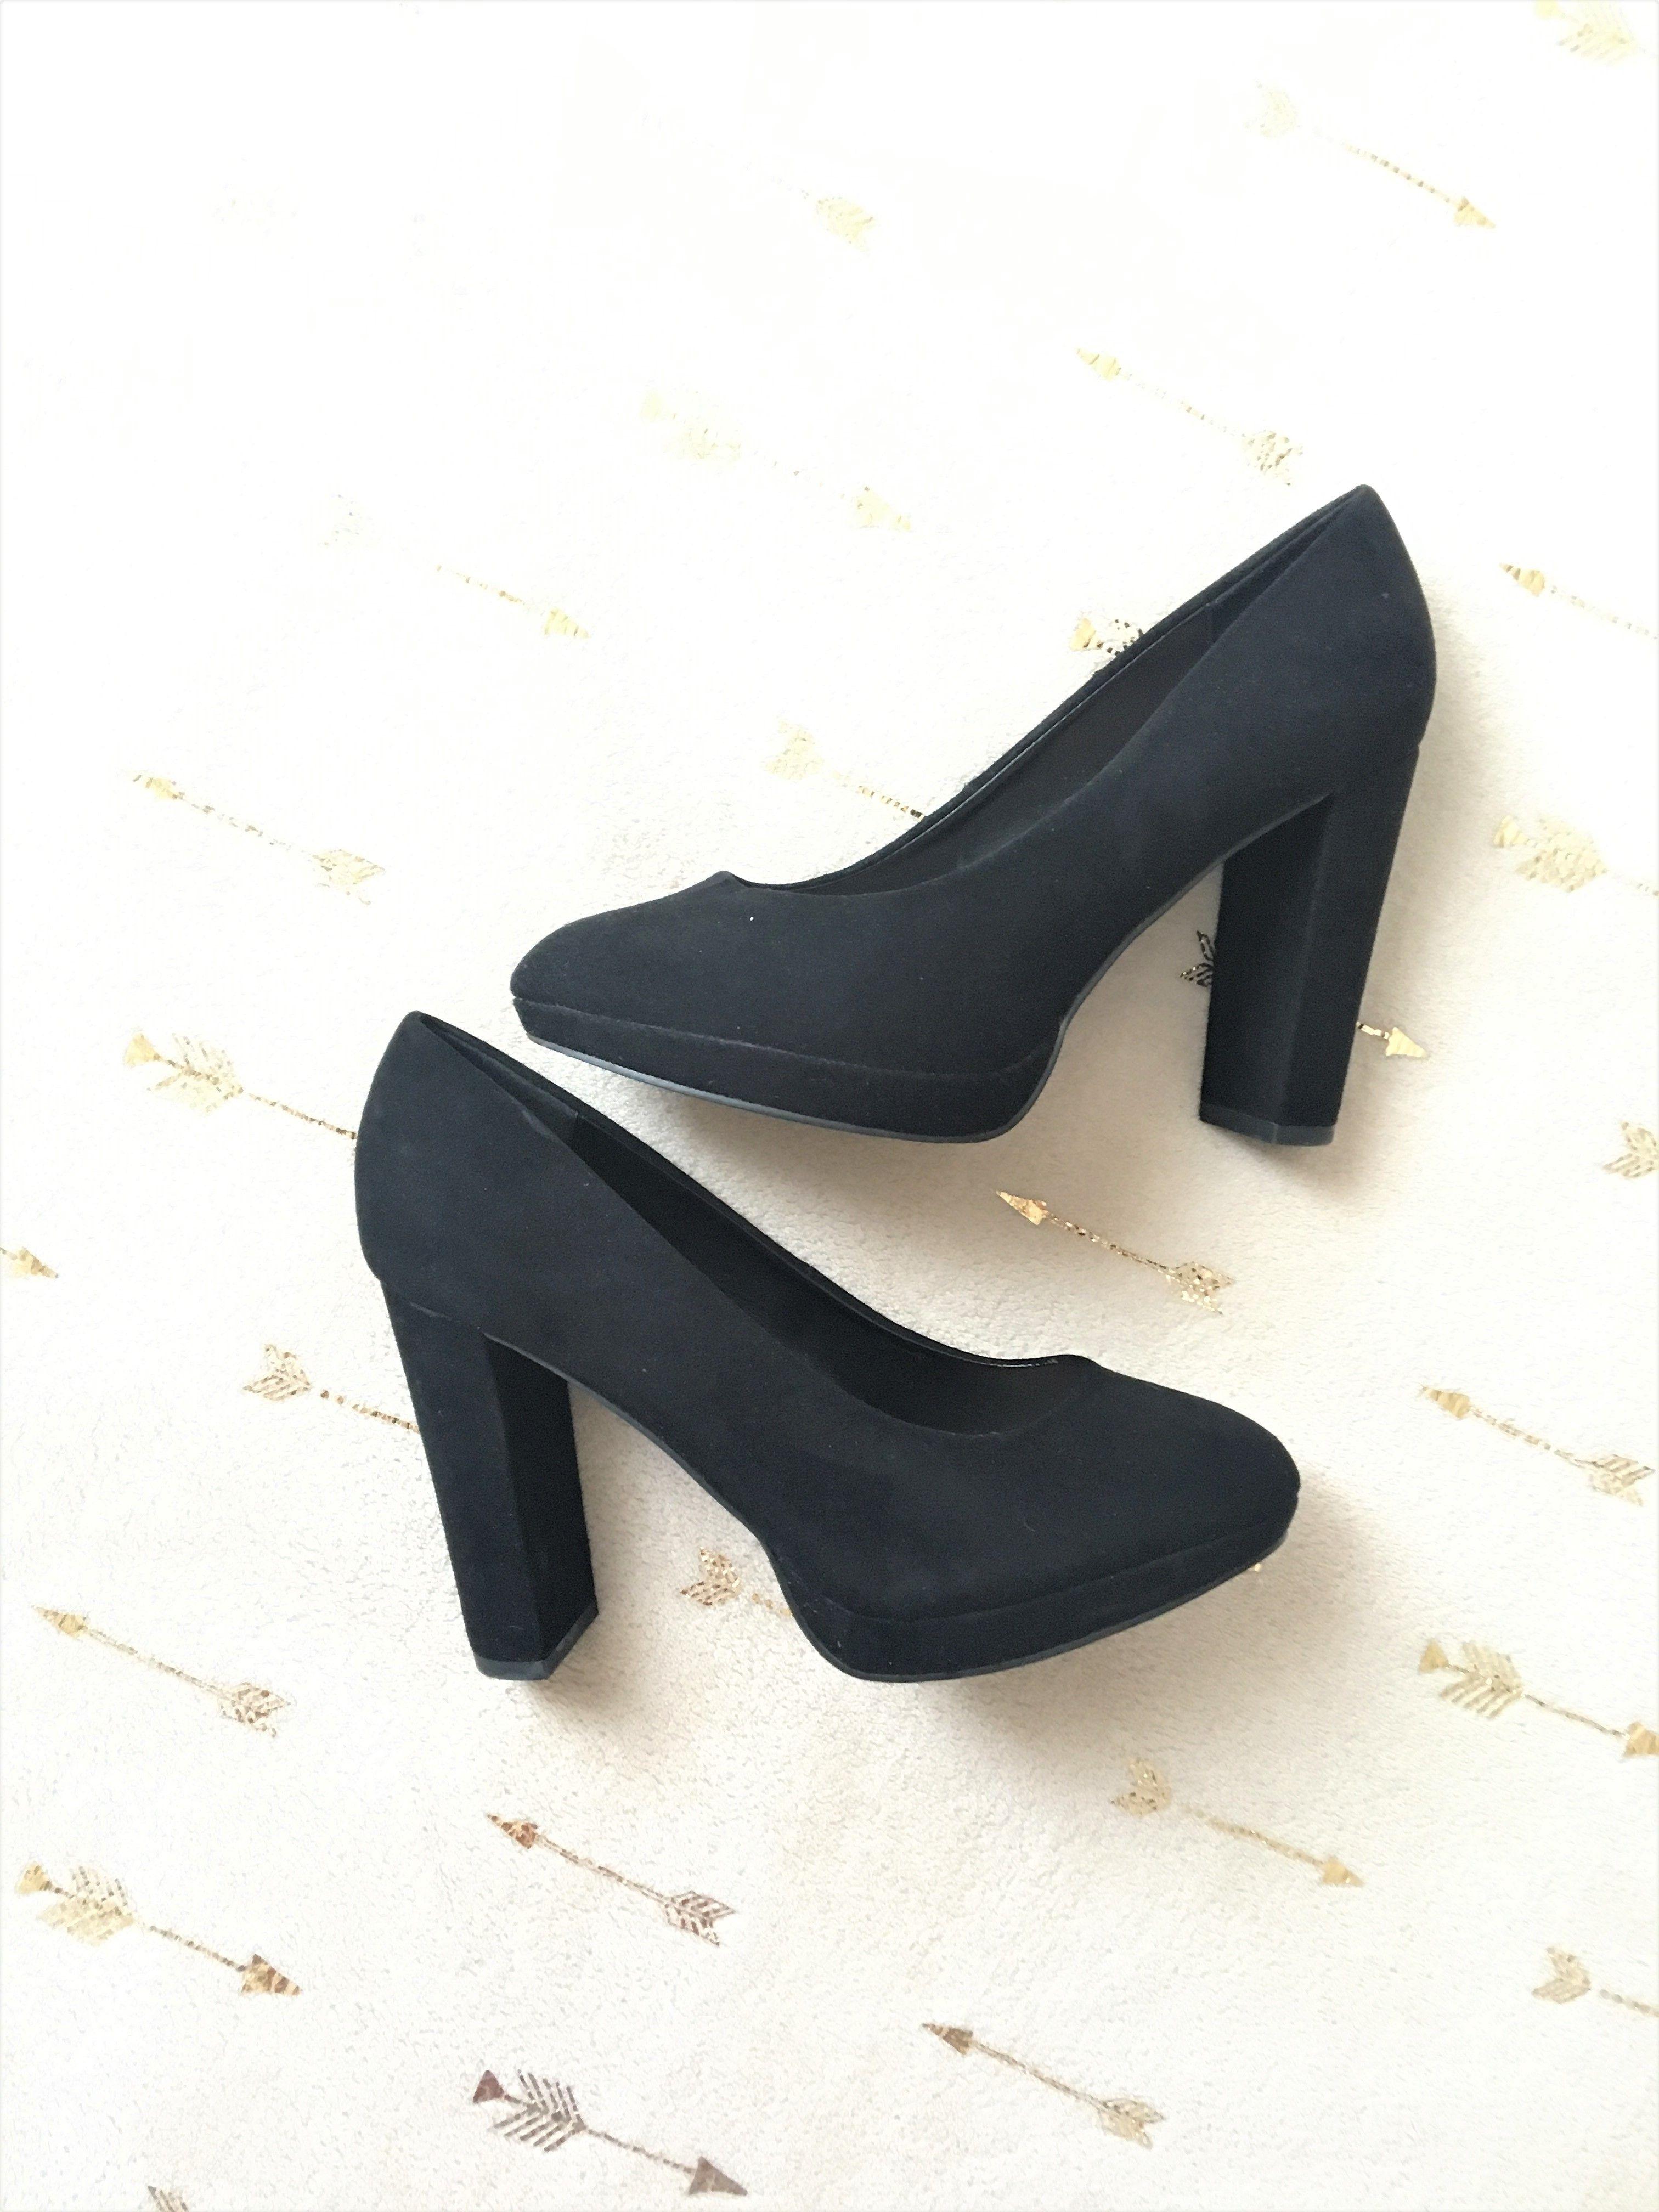 d8d3107e170835 À vendre sur : #vintedfrance #vinted #vintedfemme #femme #chaussure  #chaussurefemme